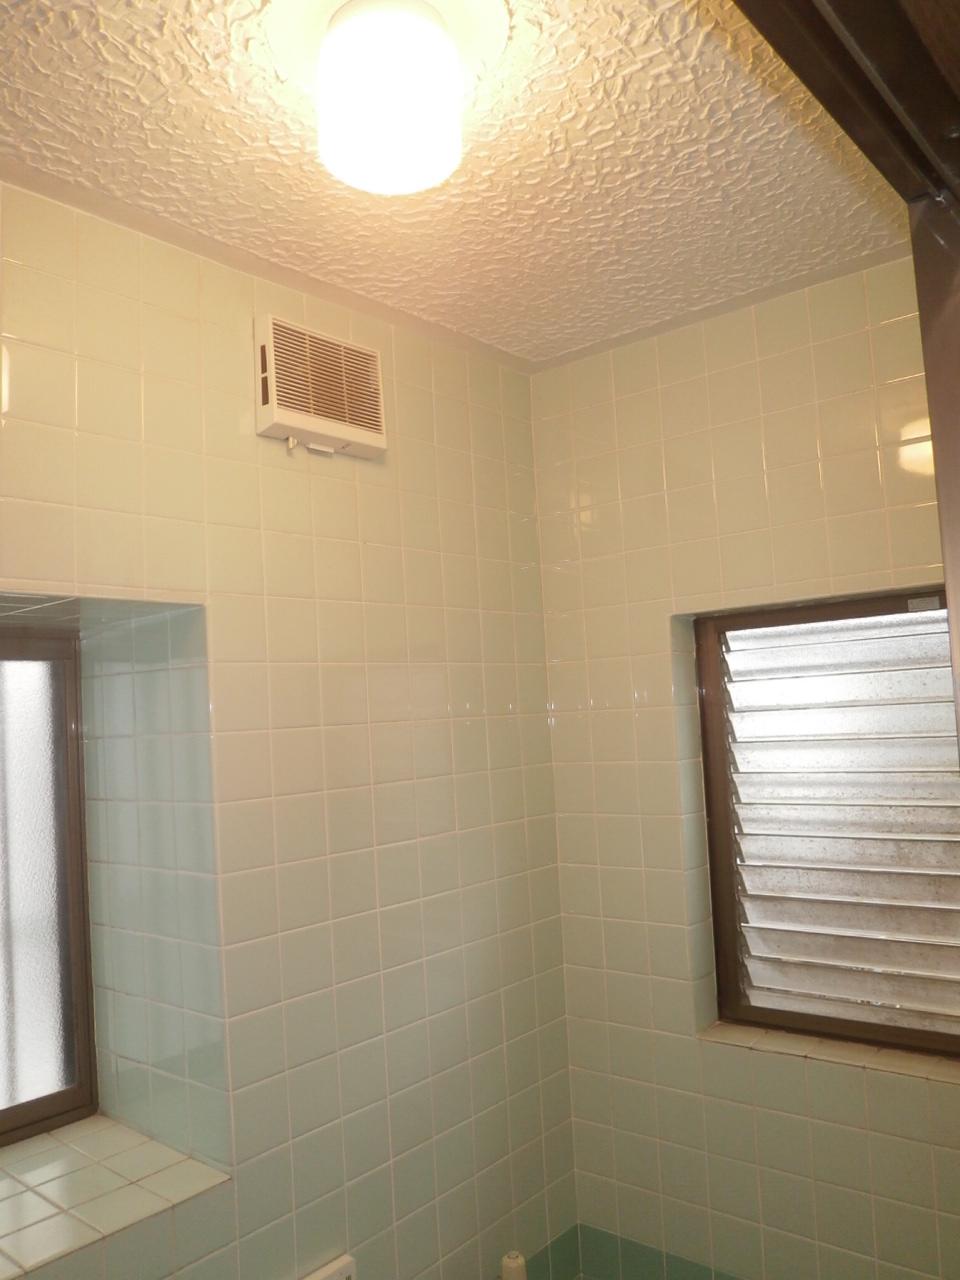 浴室リフォーム TOTO|サザナ|1220 越谷 K様邸 着工①_a0229594_17311196.jpg